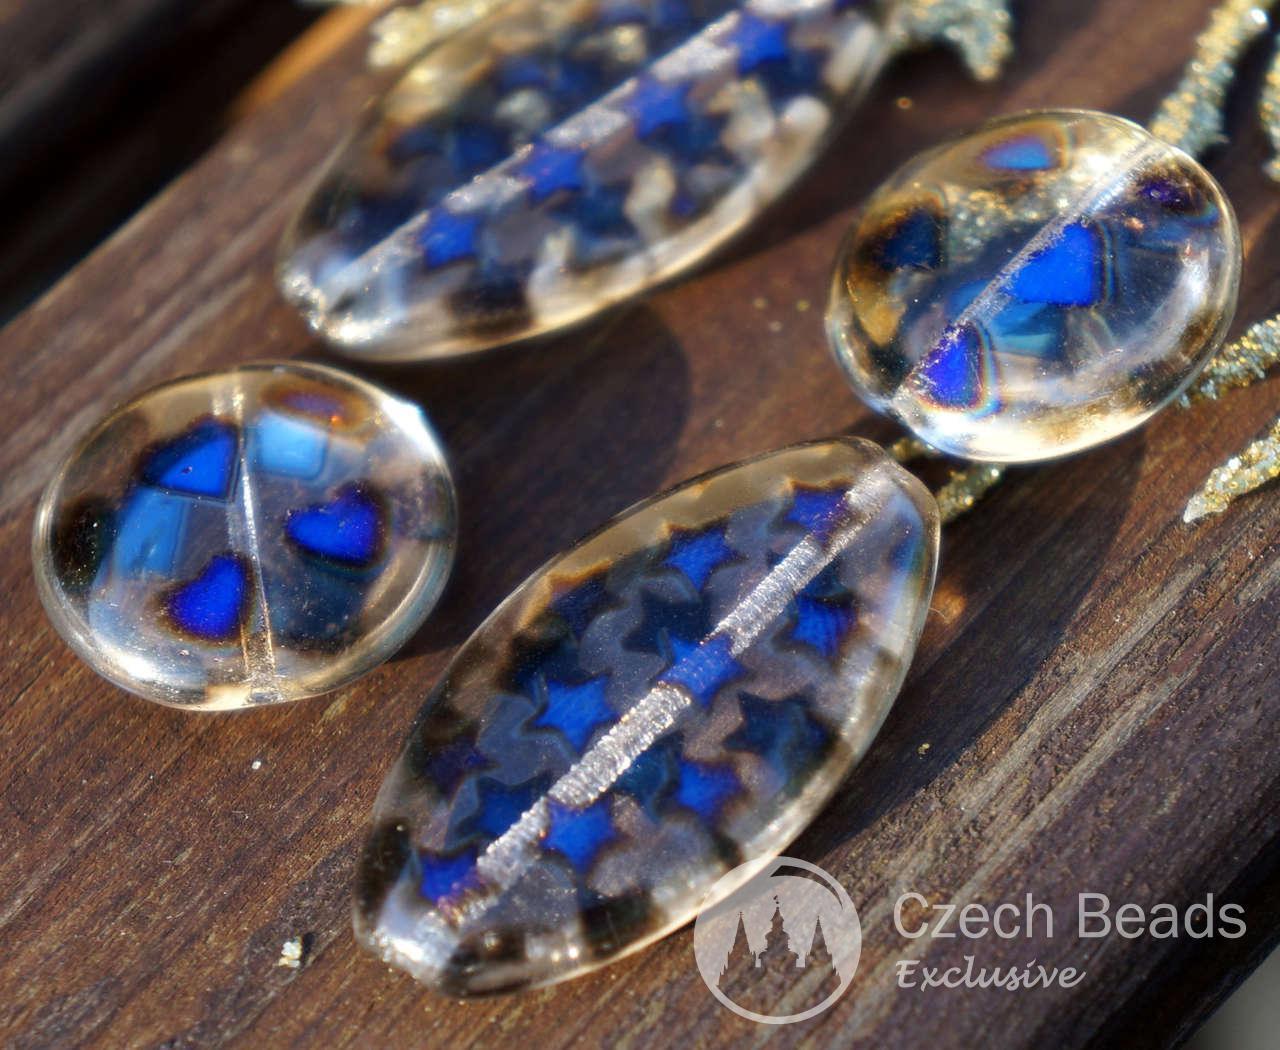 Black Blue Crystal Czech Oval Beads Large Oval Flat Glass Beads Oval Czech Beads Blue Star Beads Crystal Czech Flat Beads 34mm x 18mm 2pcs